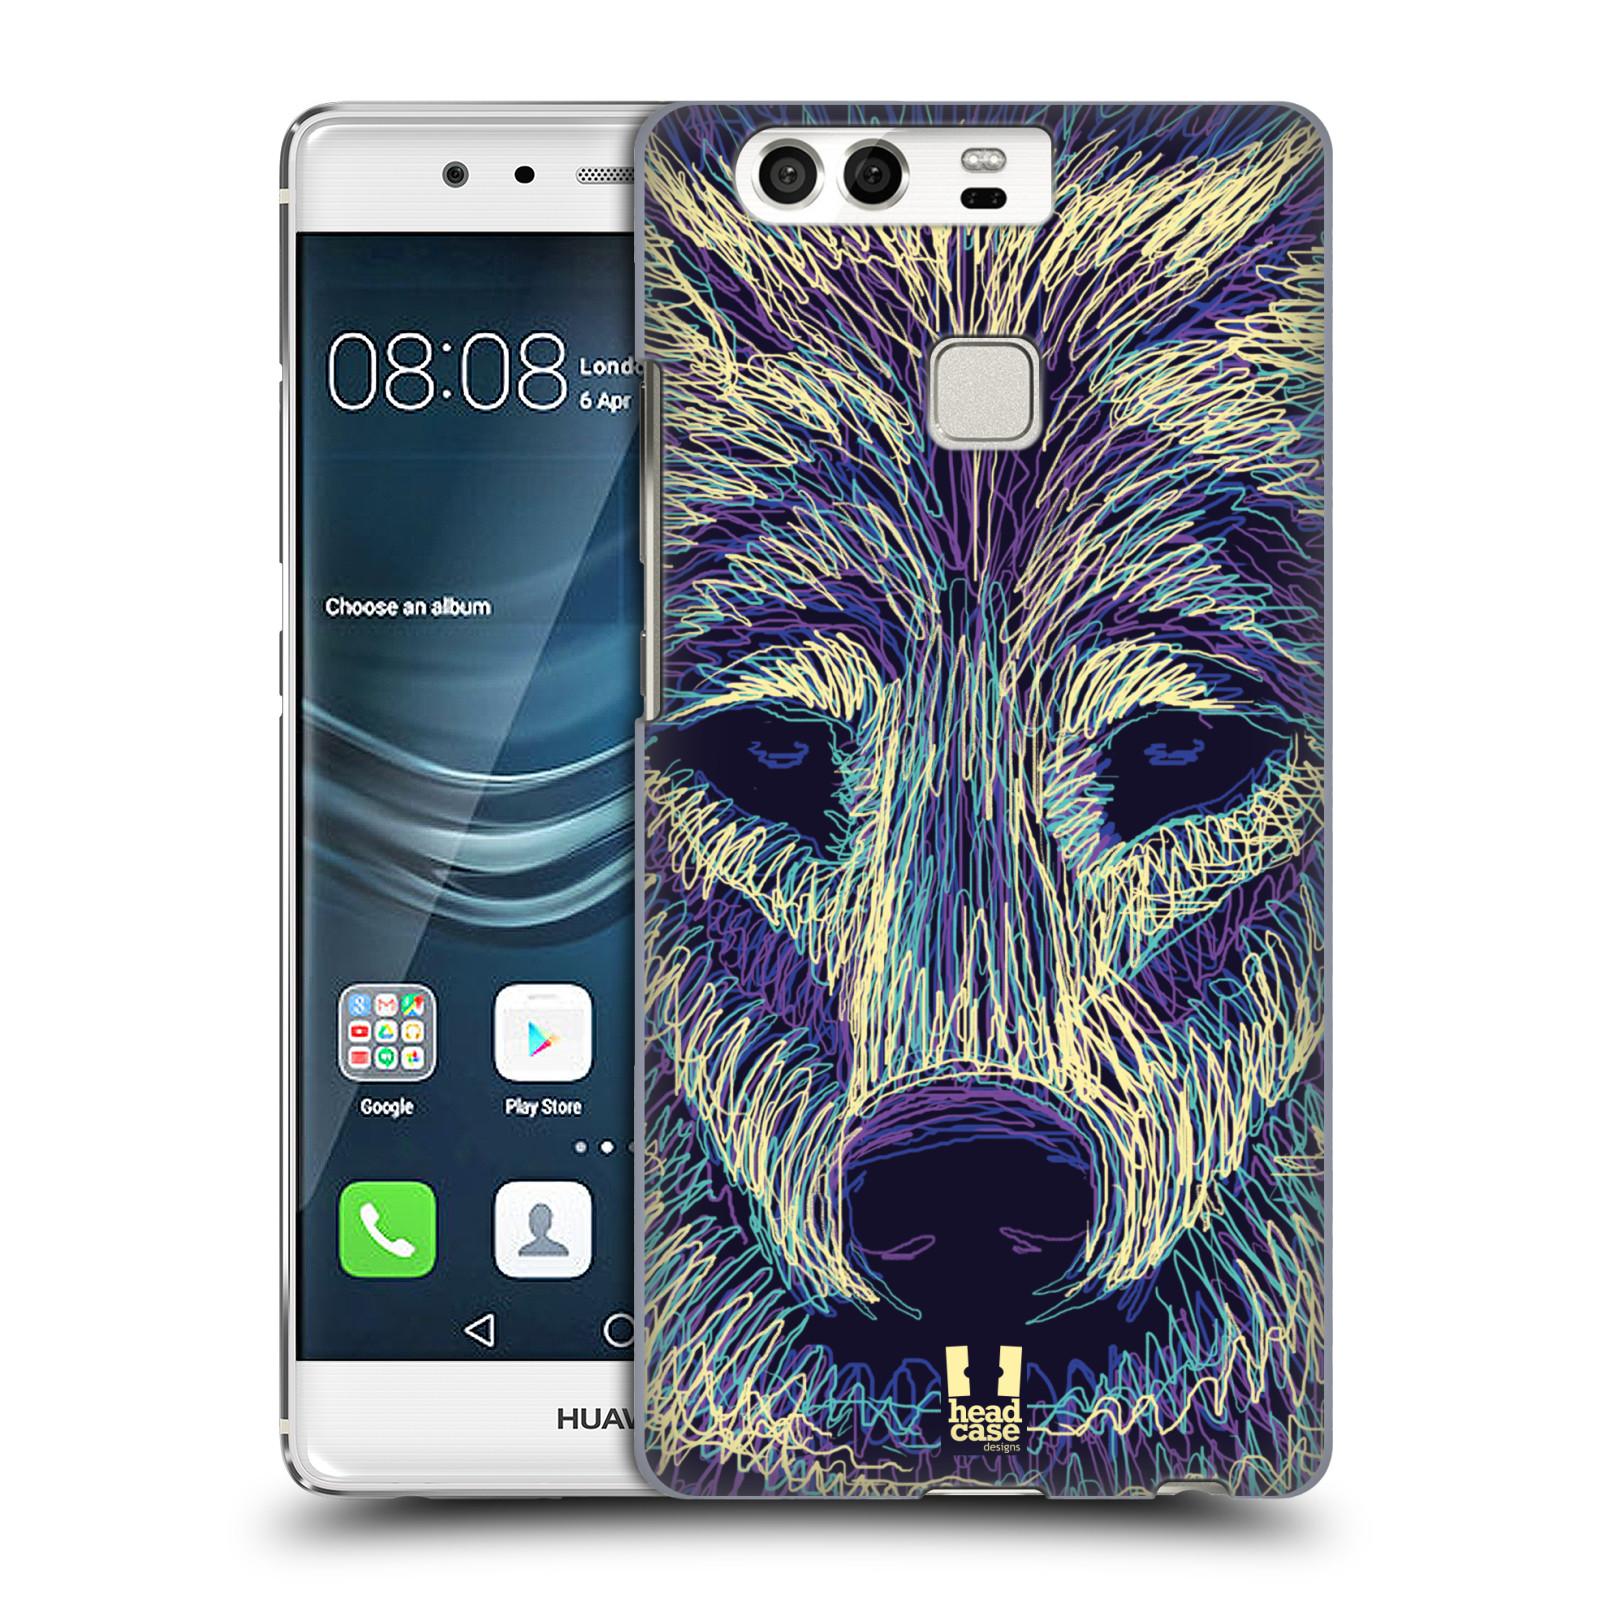 HEAD CASE plastový obal na mobil Huawei P9 / P9 DUAL SIM vzor zvíře čmáranice vlk